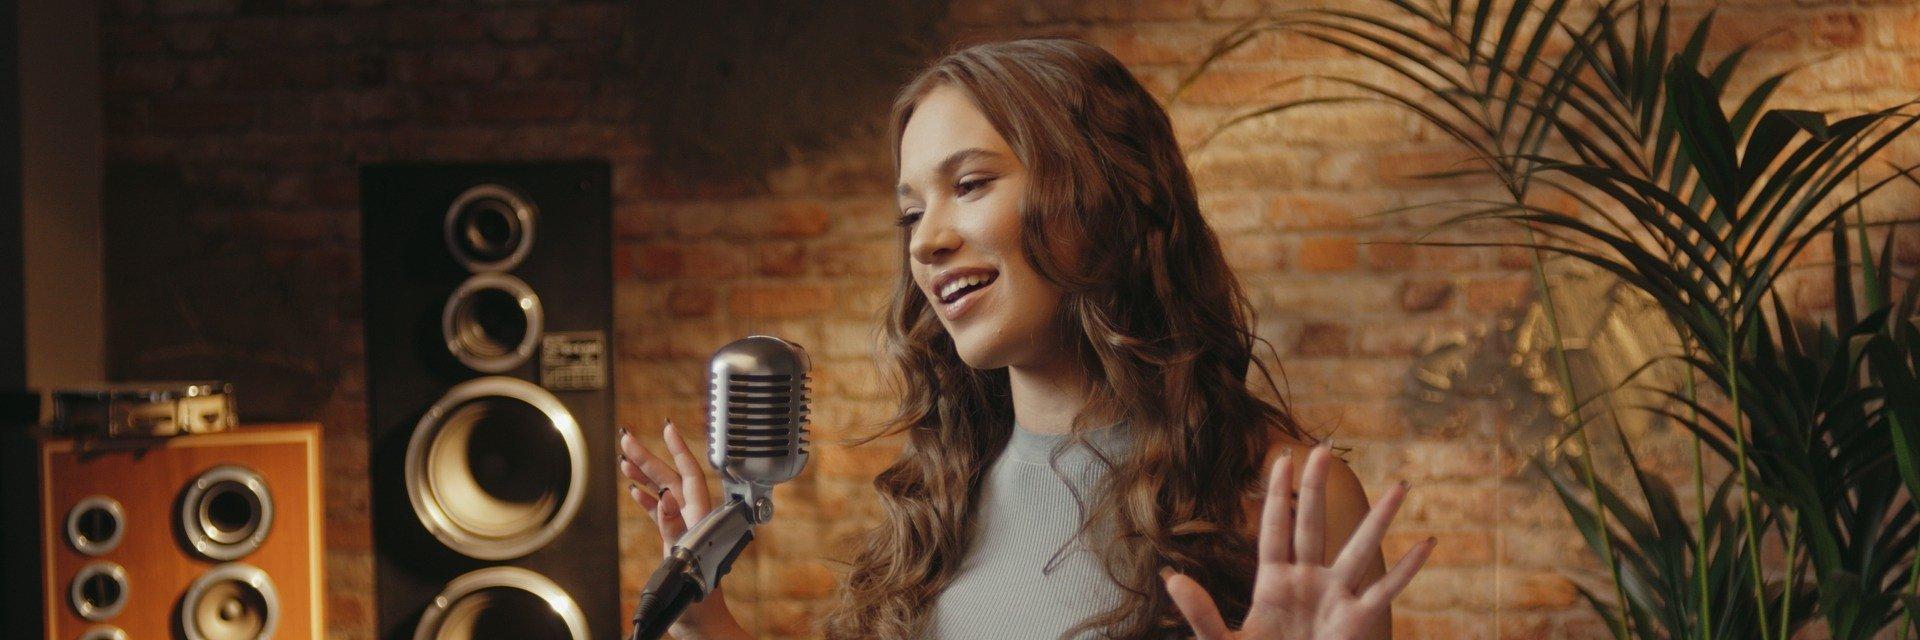 ALICJA, czyli Alicja Szemplińska ze specjalną piosenką z okazji Wielkiego Święta Księżniczek Disneya!